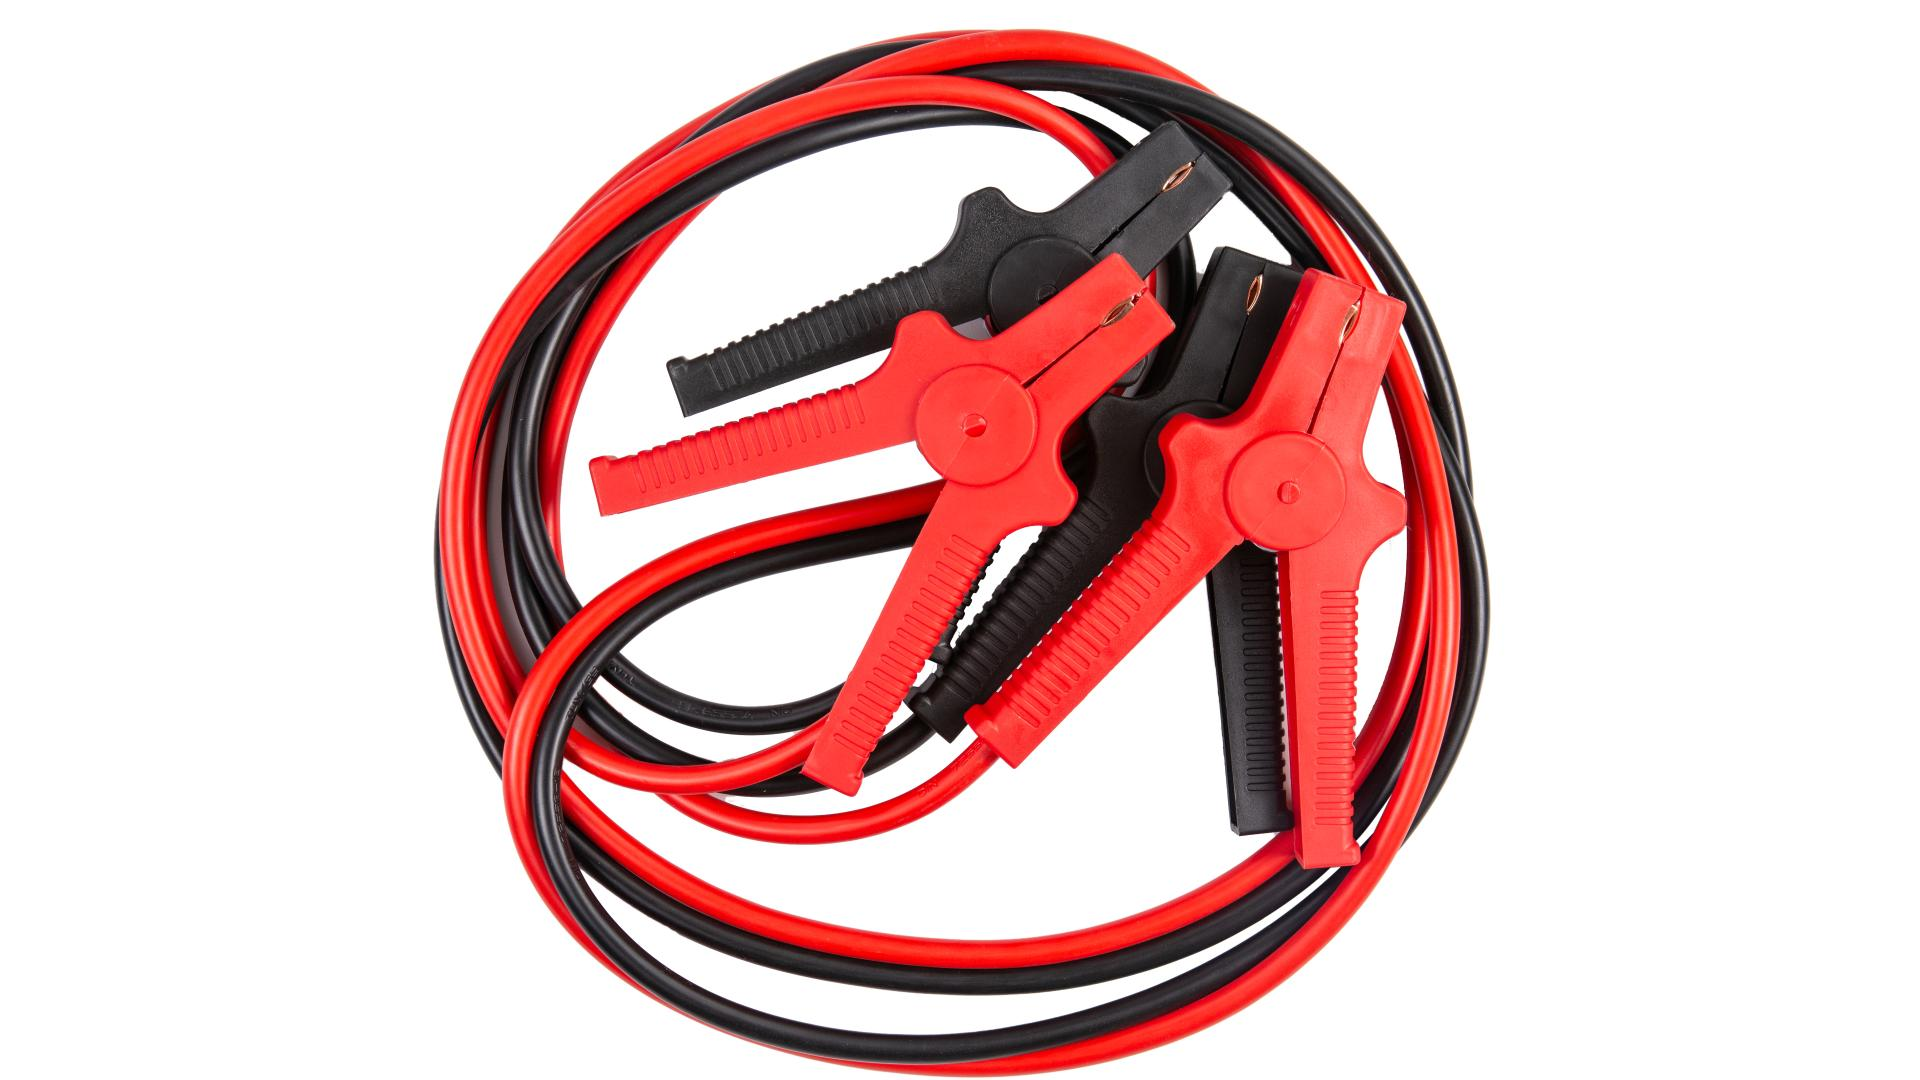 4CARS Premium Startovací kabel - DIN 72553 izolované kleště, tloušťka 25.0MM², 3,5metra